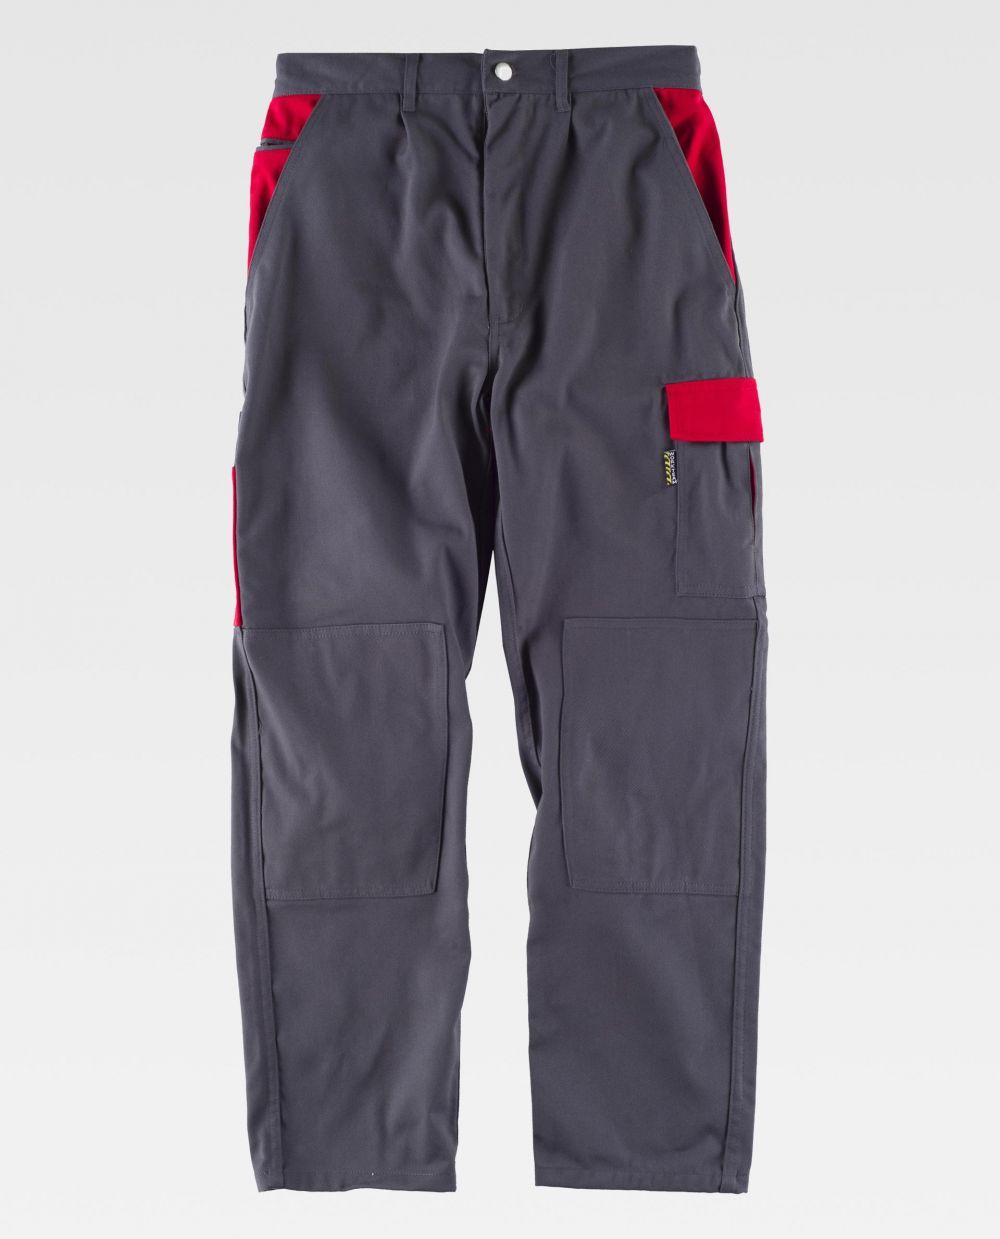 Pantalones de trabajo workteam wf1550 de poliéster con impresión vista 2